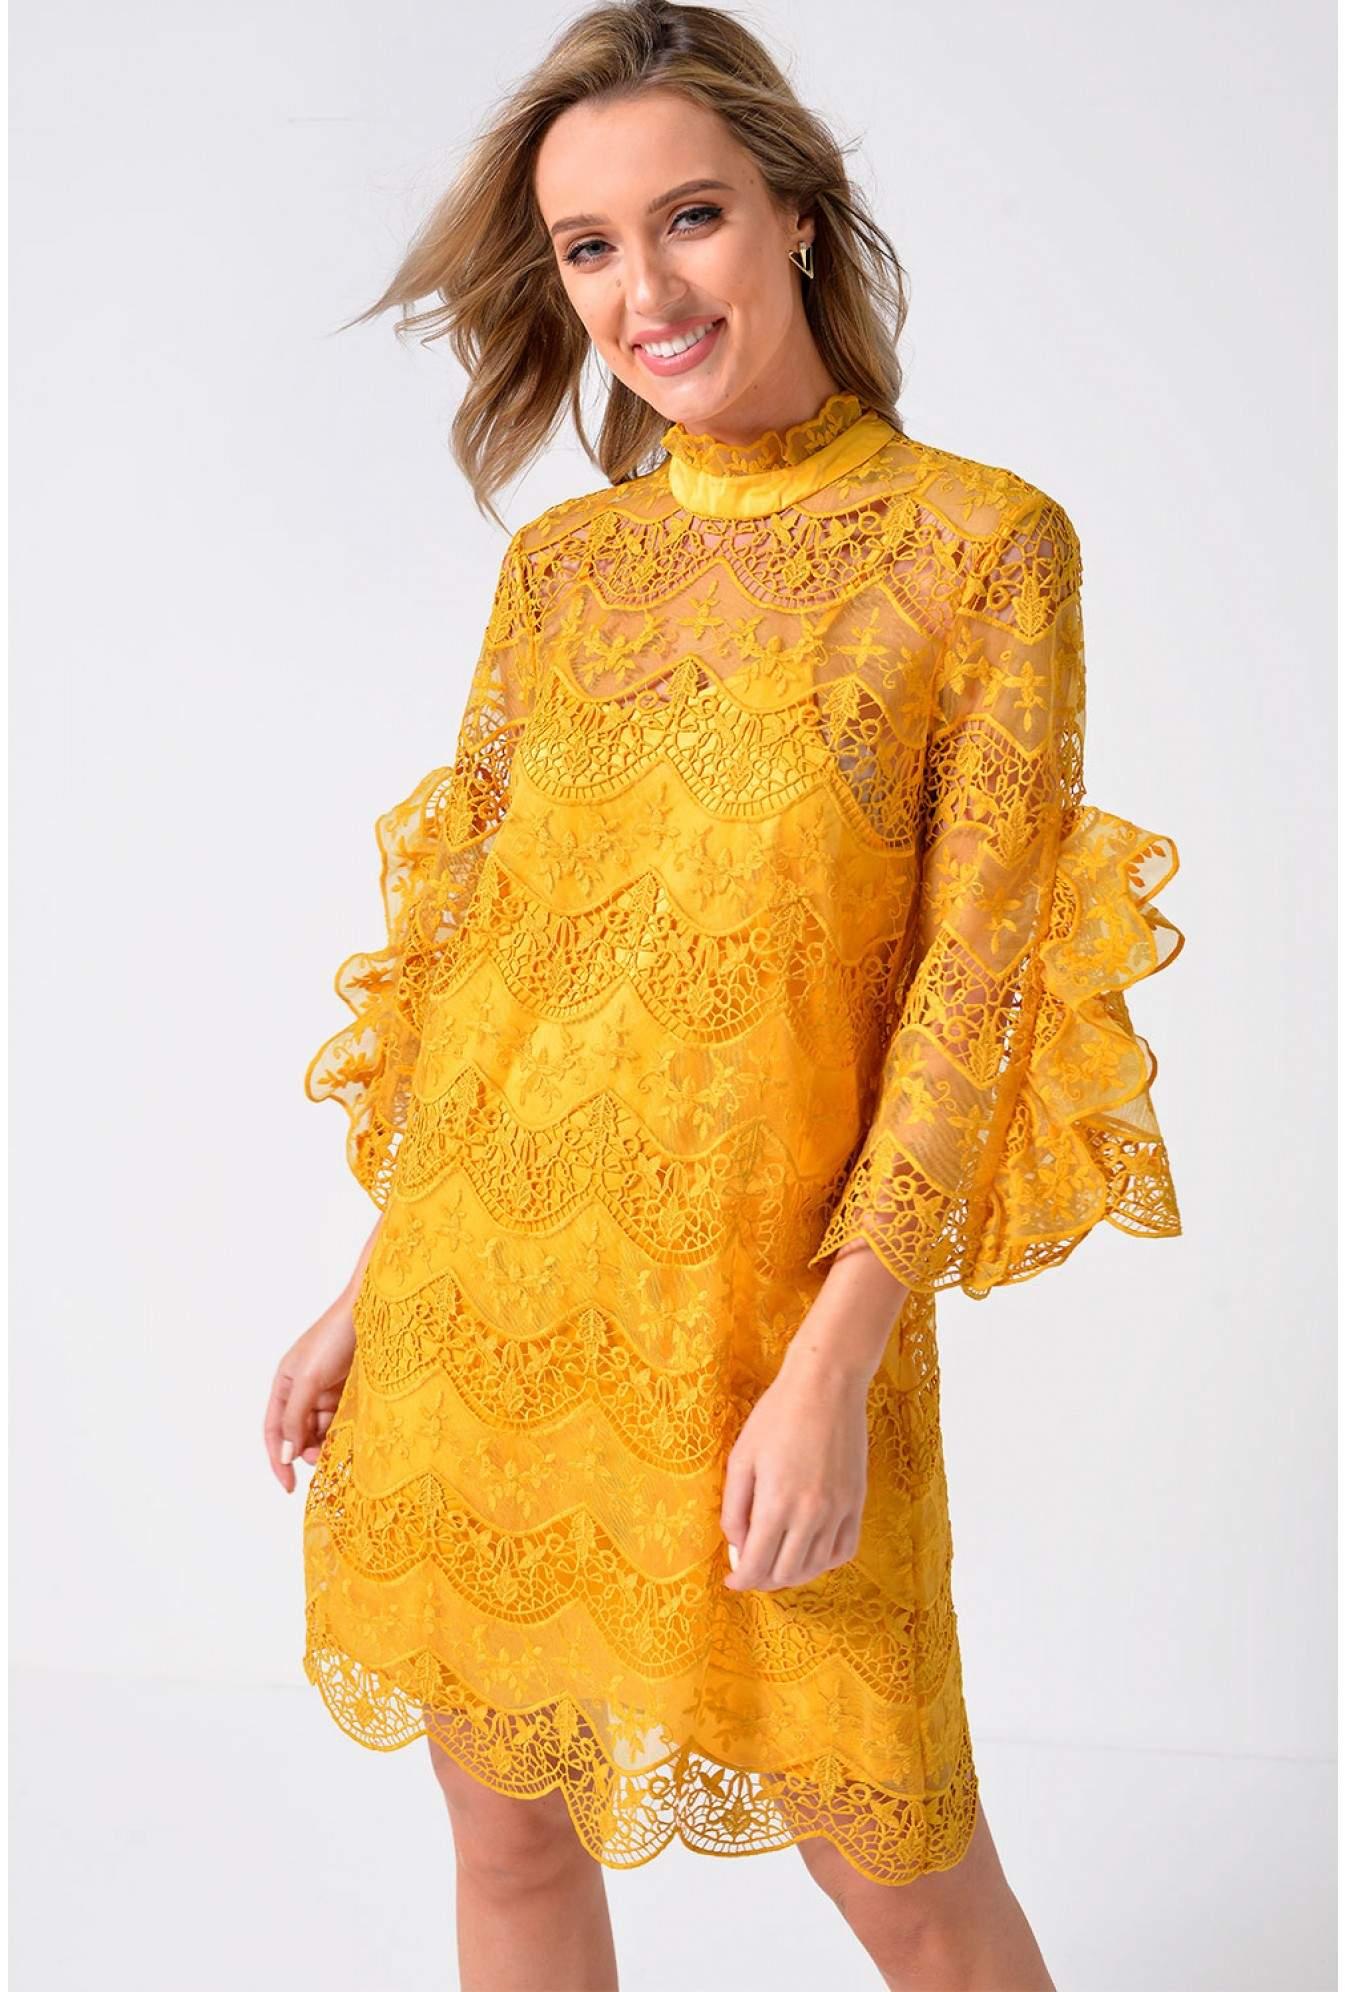 9d36cdfdb08 More Views. Diadora Crochet Dress in Golden Yellow